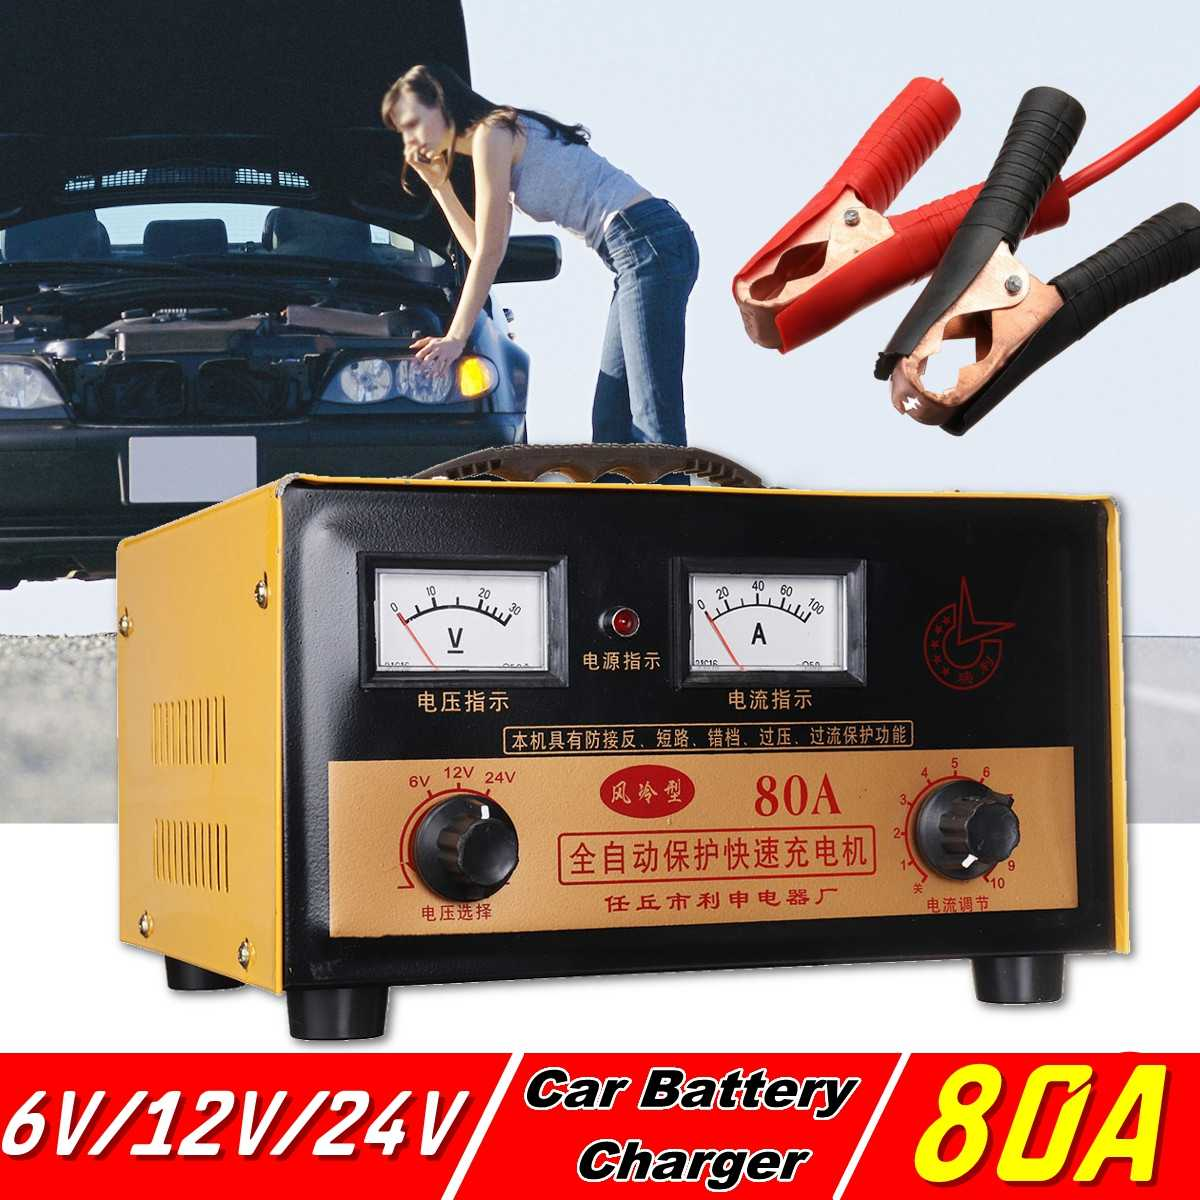 Chargeur de batterie de voiture 6 V 12 V 24 V Entièrement Automatique voiture électrique chargeur de batterie Intelligent Impulsions De Réparation Type 60A/80A pour la voiture